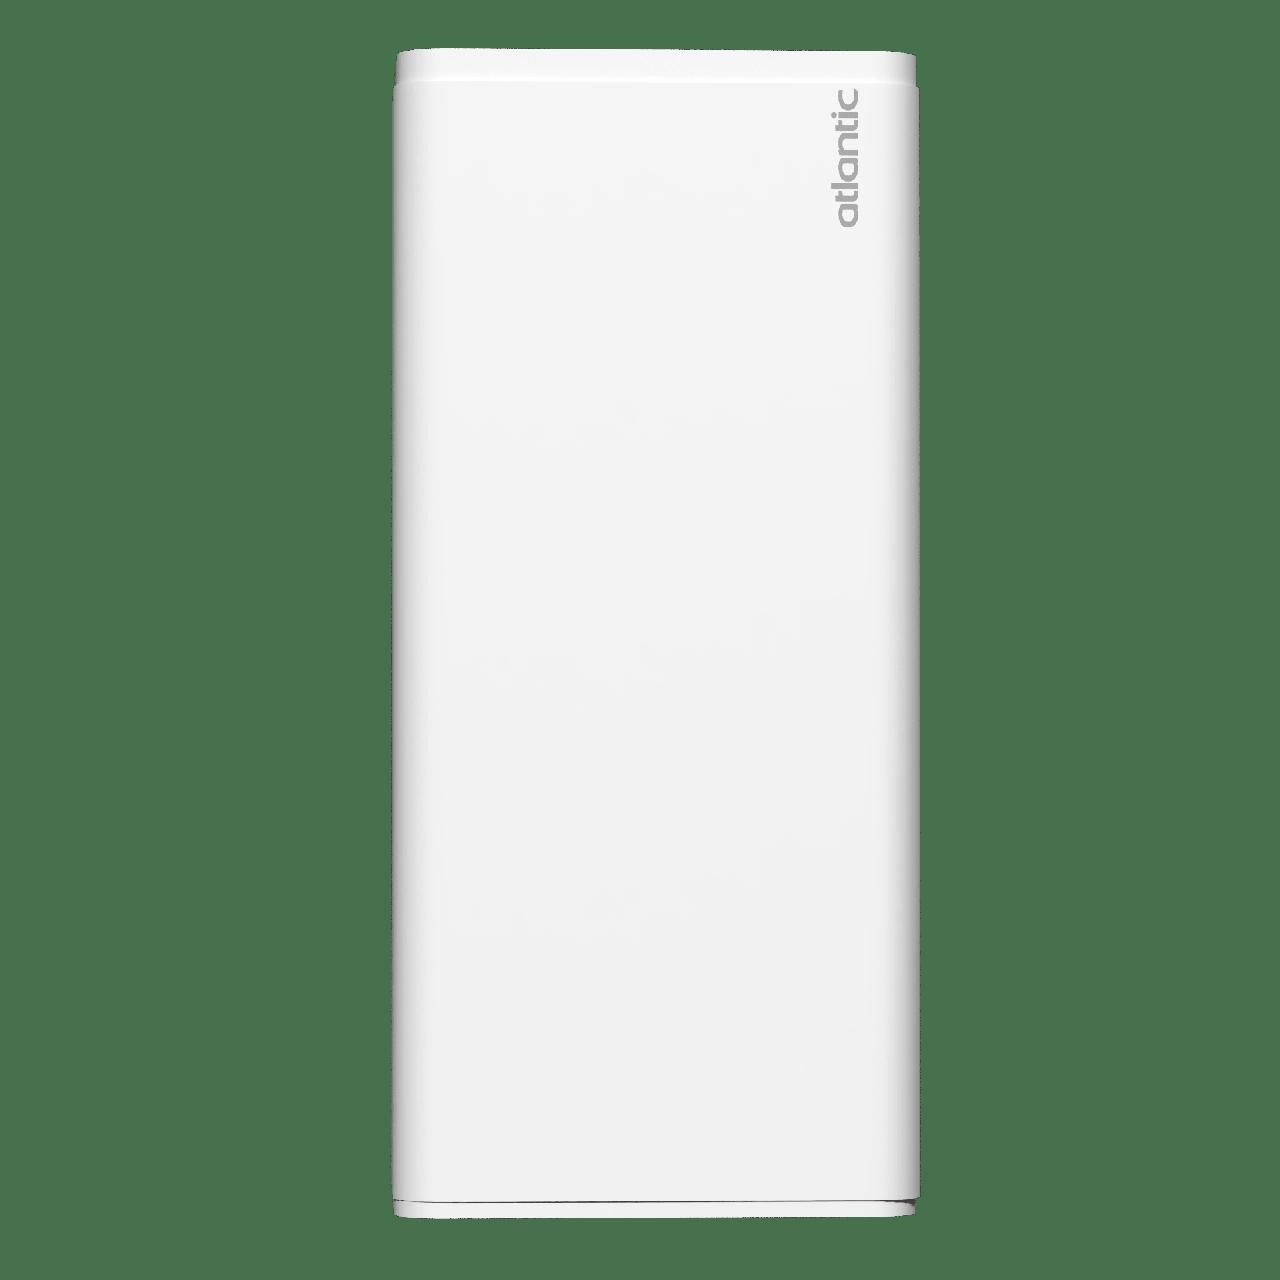 Водонагрівач побутовий електричний Atlantic Vertigo Basic 80 ES-VM0652F220F-B (2000W) 841323